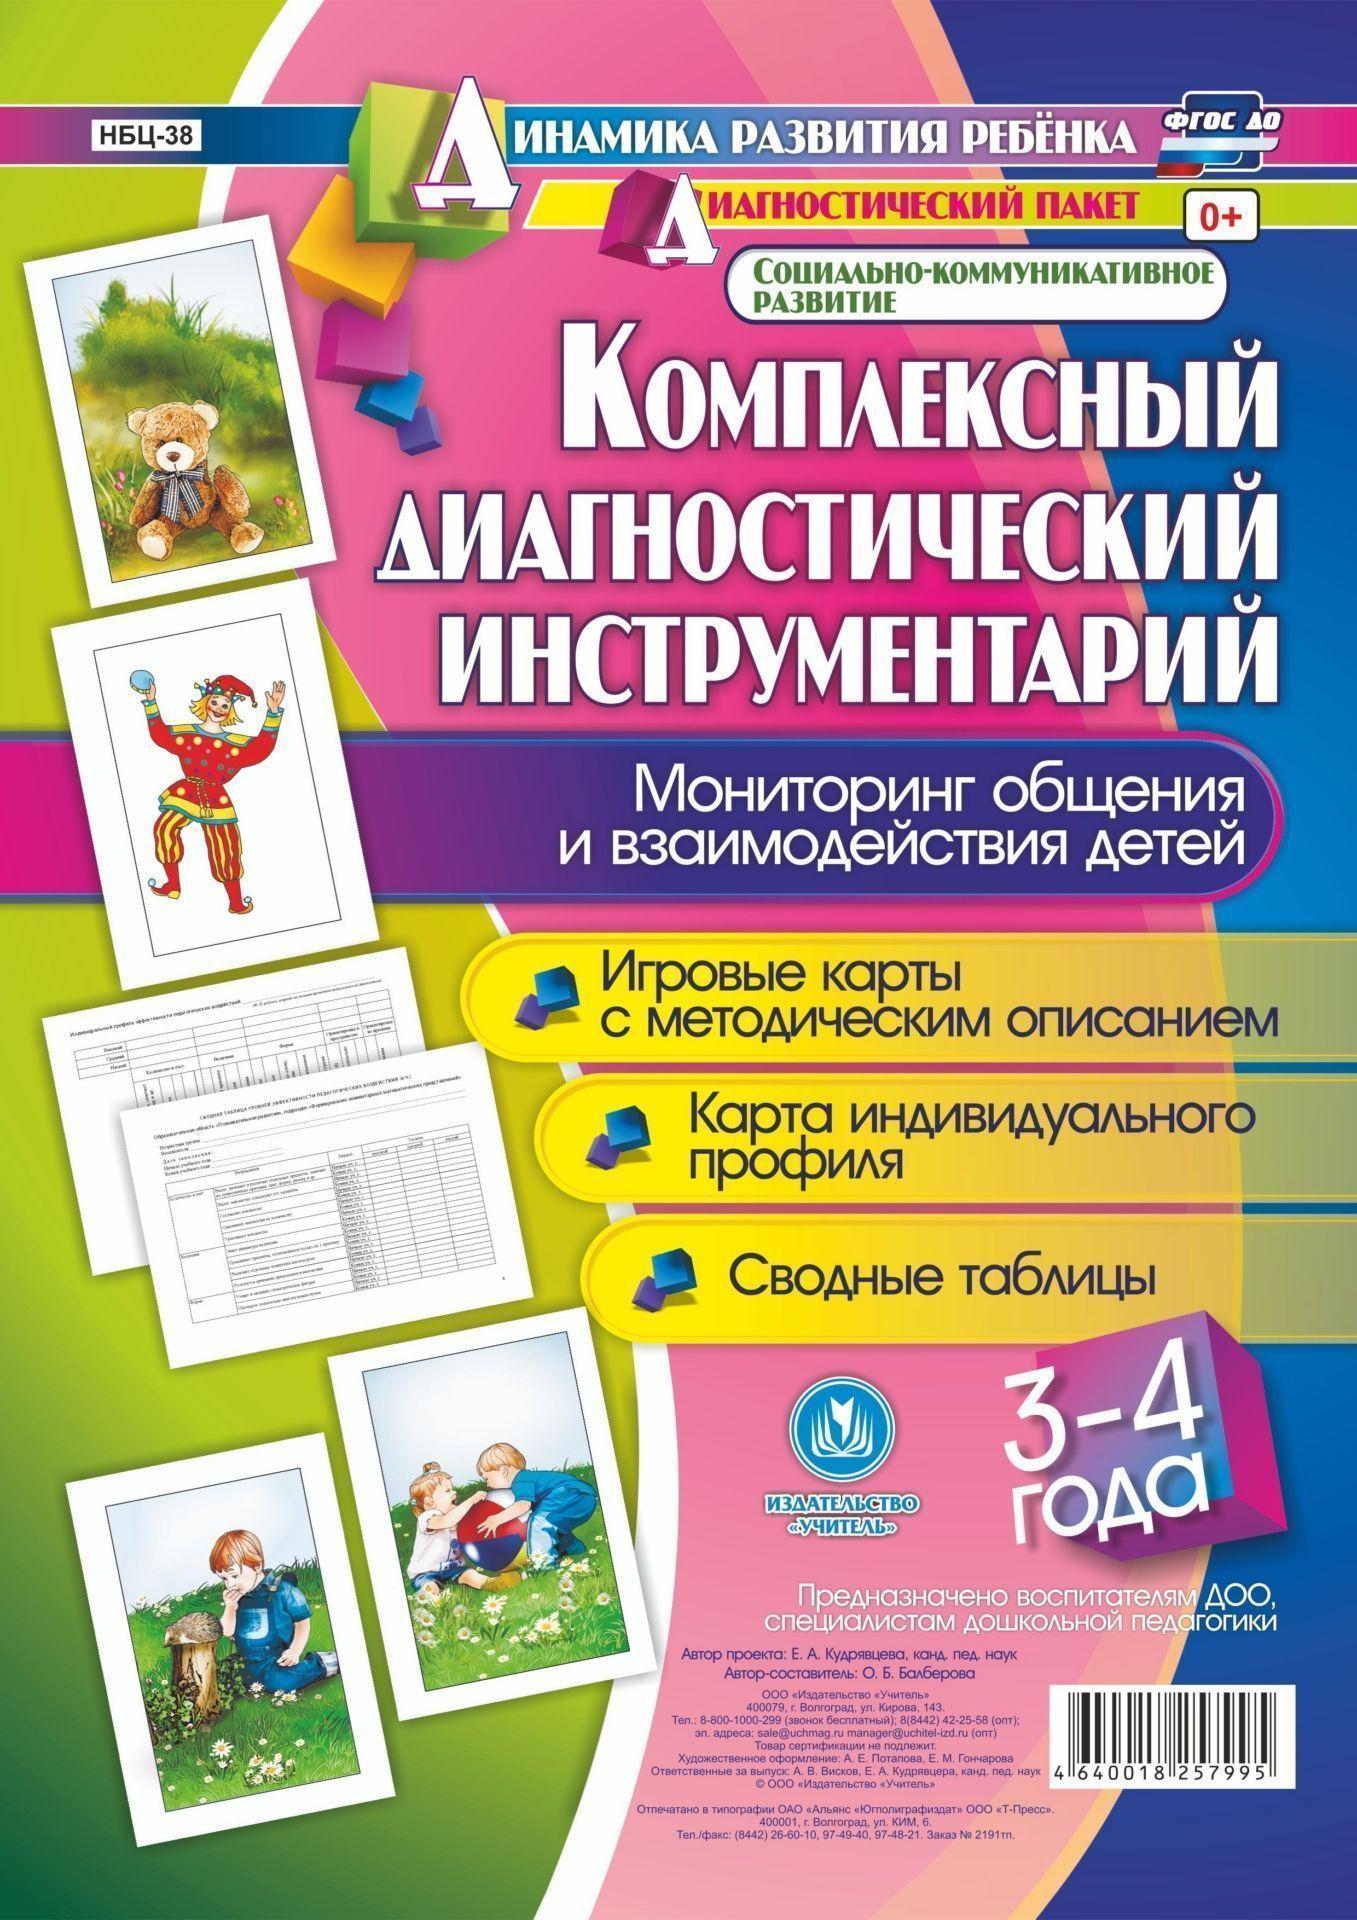 Комплексный диагностический инструментарий. Мониторинг общения и взаимодействия детей 3-4 лет: Игровые карты с методическим описанием, карта индивидуального профиля, сводные таблицыОбразовательное пространство ДОО<br>Предлагаемый полный диагностический пакет для проведения педагогического мониторинга по результатам освоения детьми 3-4 лет образовательной области Социально-коммуникативное развитие включает диагностический инструментарий (карту индивидуального профиля...<br><br>Авторы: Балберова О. Б.<br>Год: 2017<br>Серия: Динамика развития ребенка. Диагностический пакет Социально-коммуникативное развитие<br>Высота: 297<br>Ширина: 210<br>Переплёт: набор